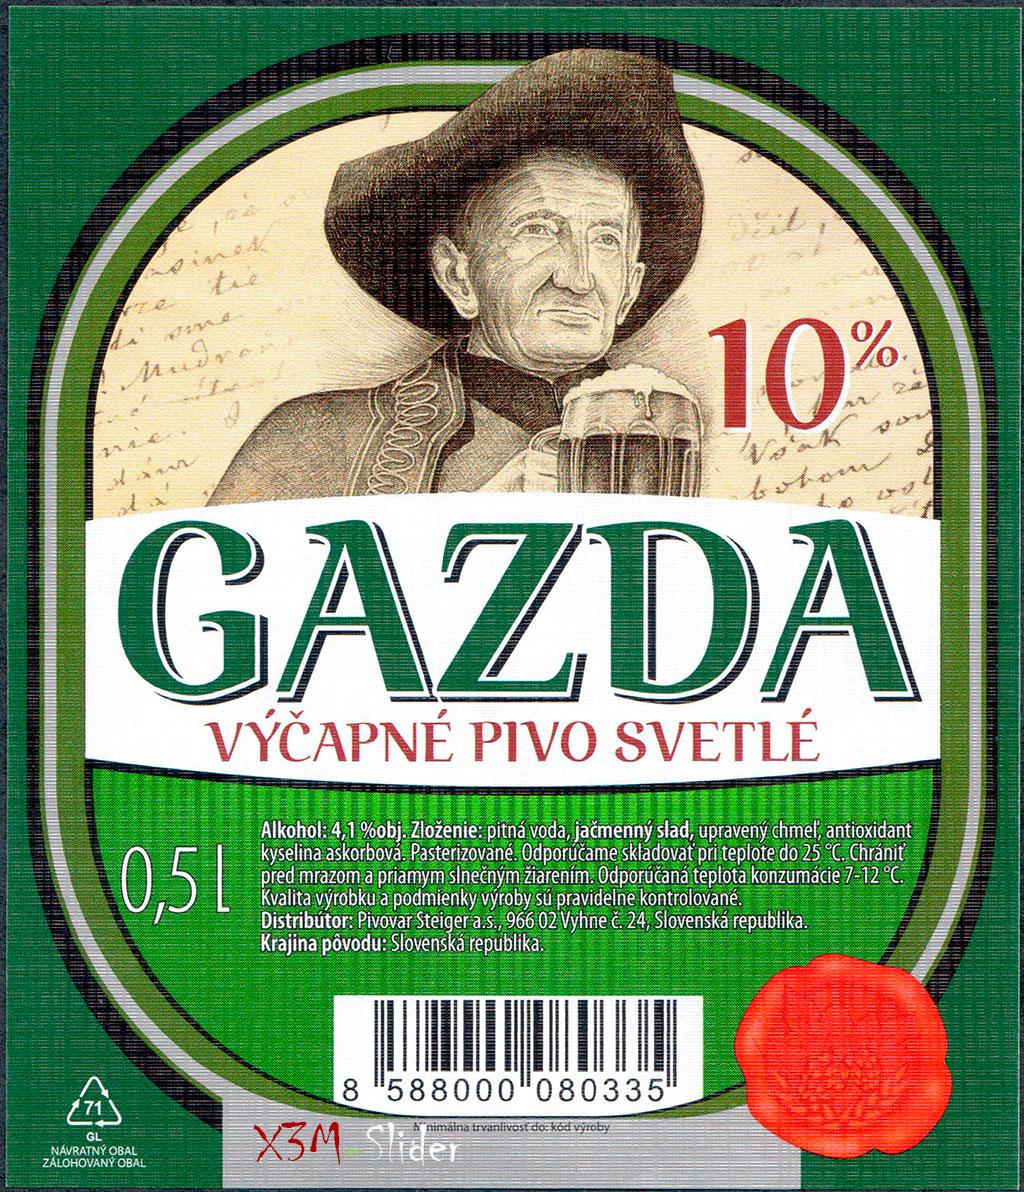 Steiger - Gazda Vycapne Pivo Svetle